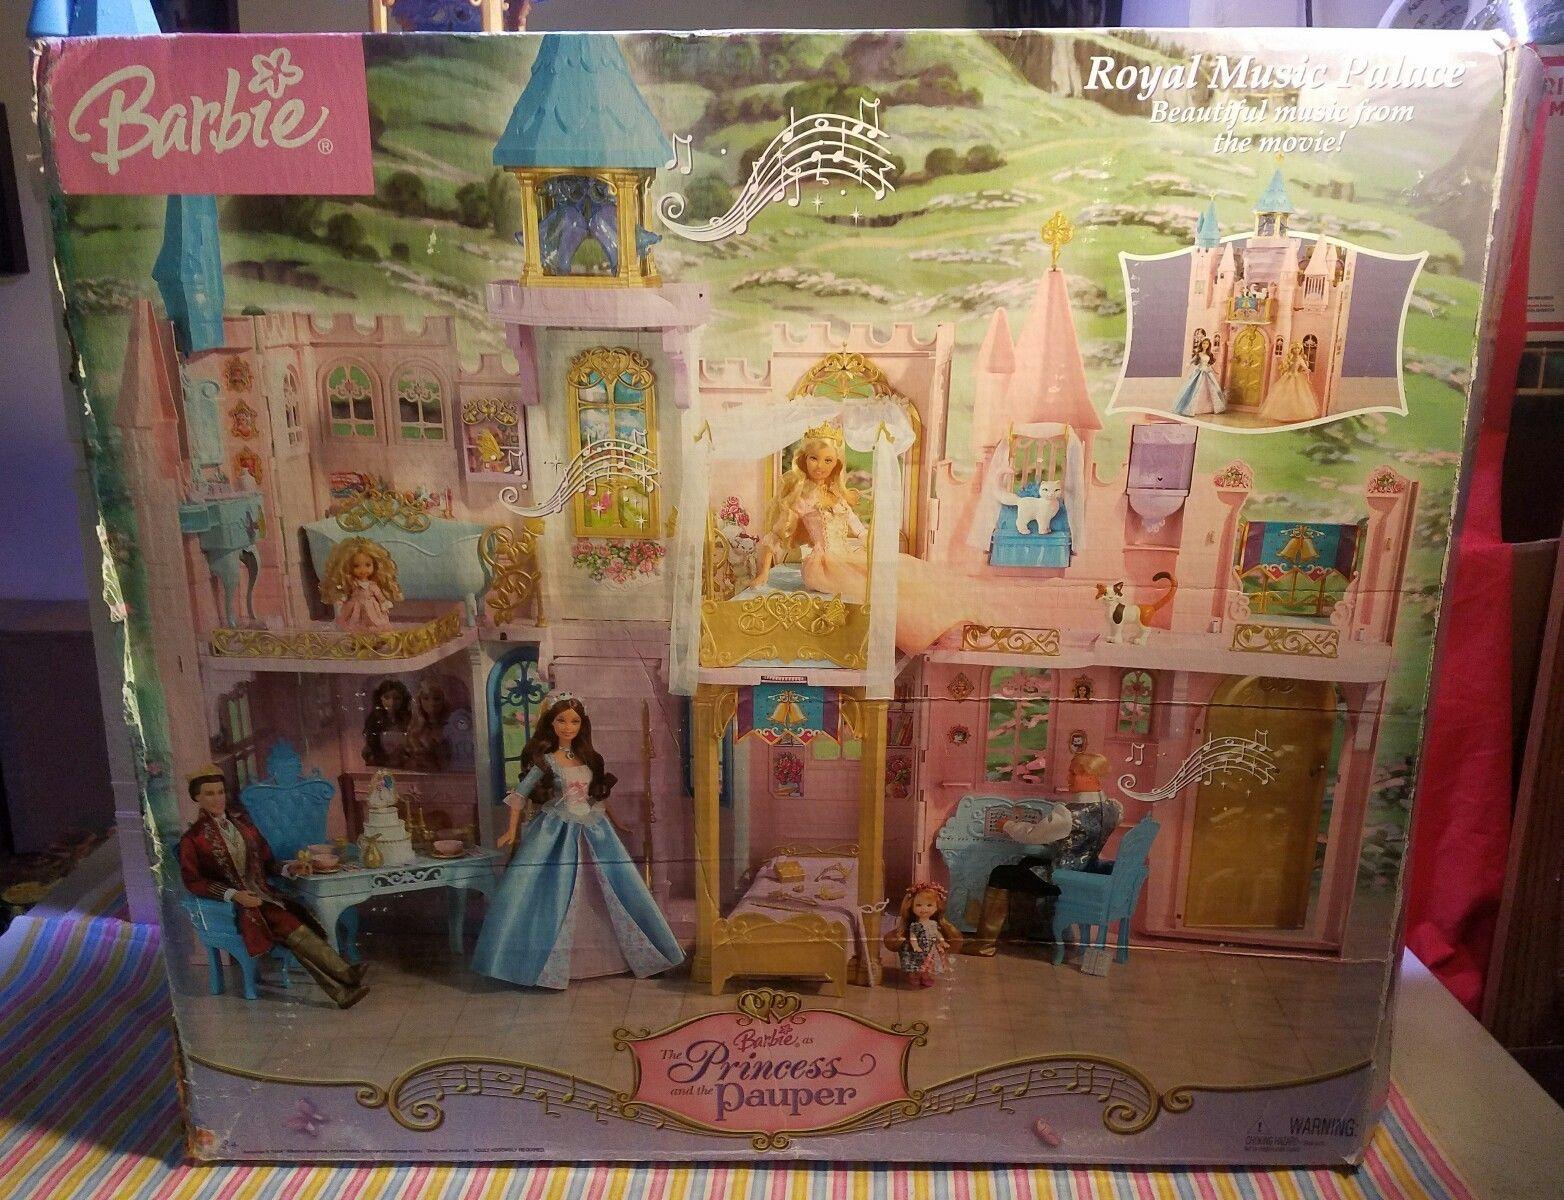 Le Chat Noir Boutique Barbie Princess And Pauper Royal Musical Palace Castle Playset